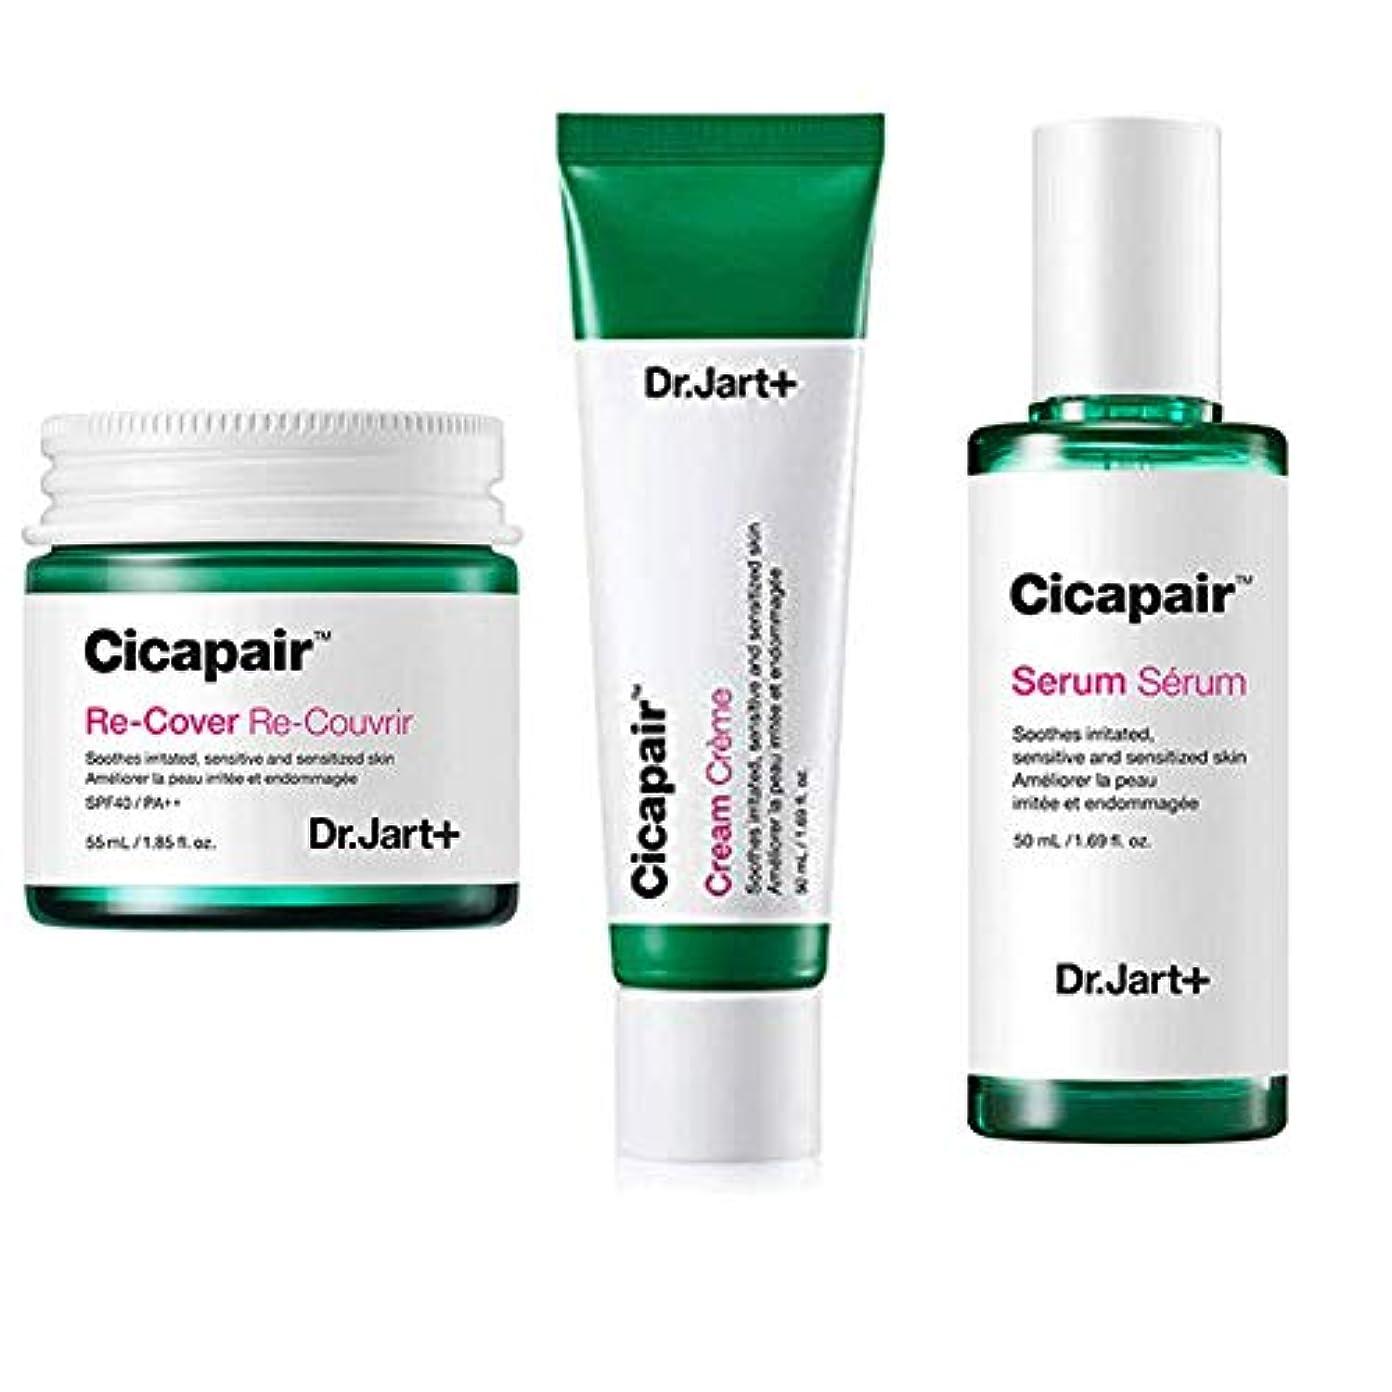 保険曇った微生物Dr.Jart+ Cicapair Cream + ReCover + Serum ドクタージャルトシカペアクリーム50ml + リカバー 55ml + セラム 50ml(2代目) セット [並行輸入品]